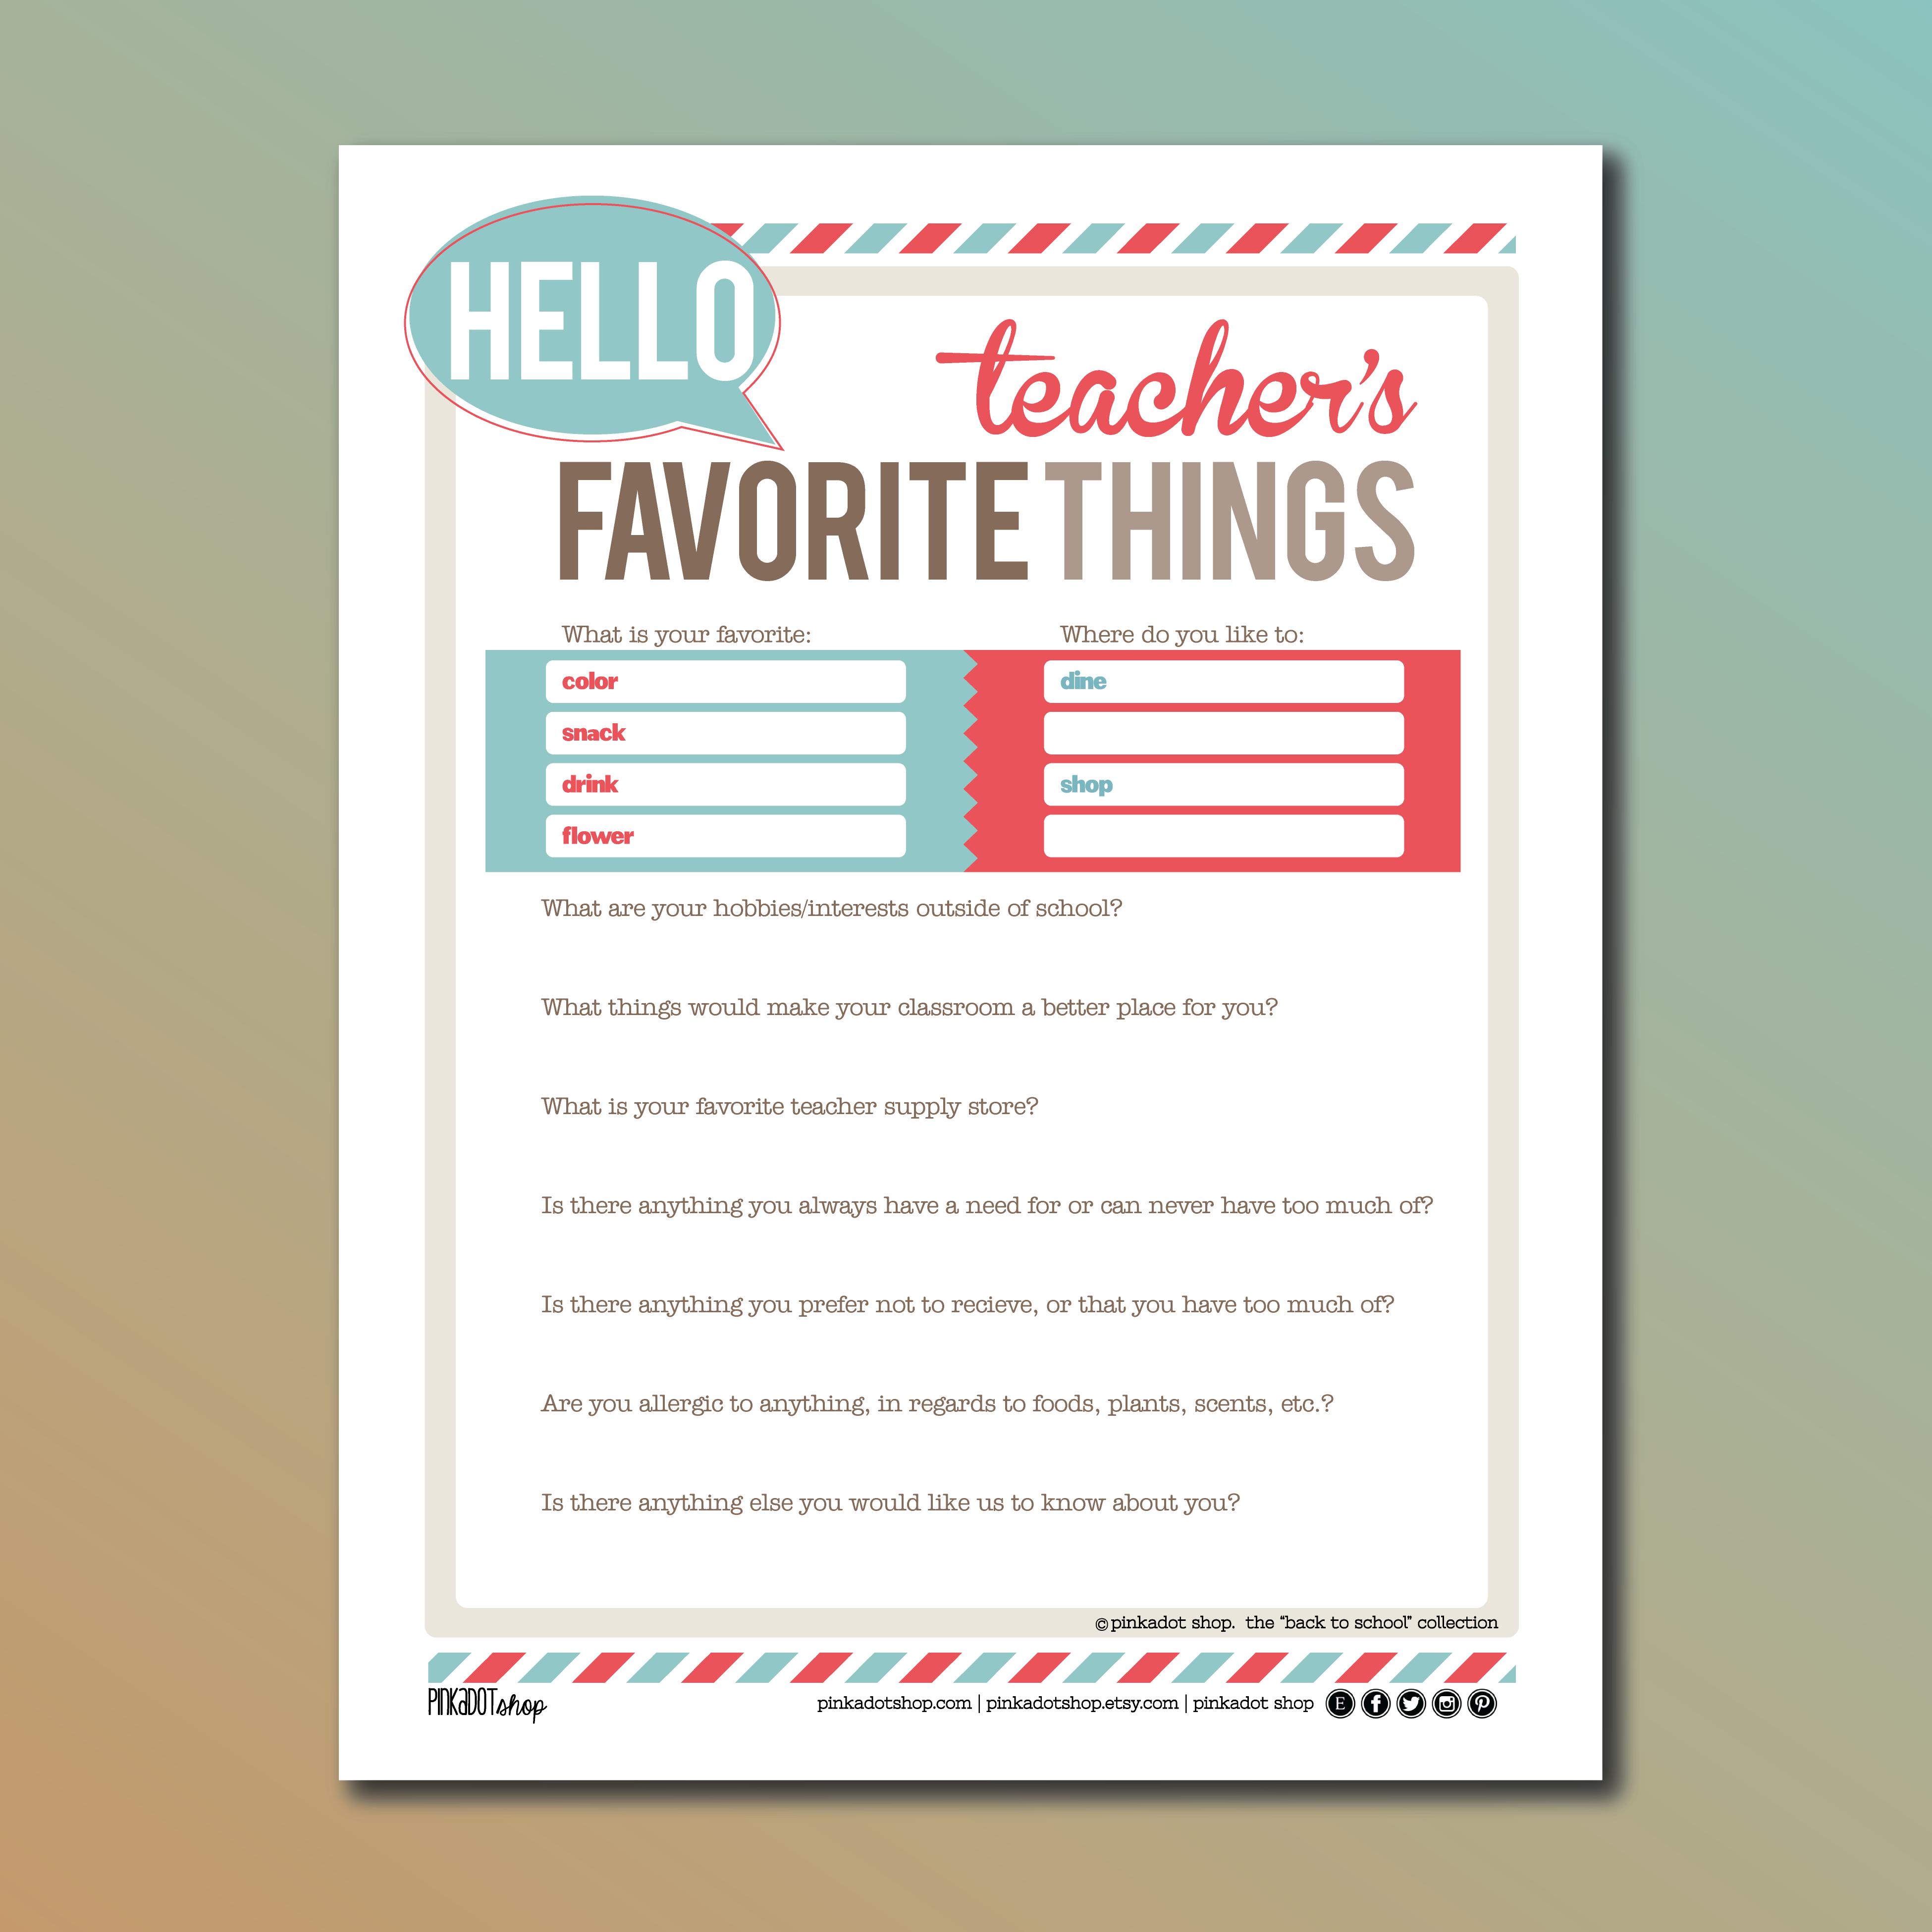 7 Images of Printable Teachers My Favorite Things